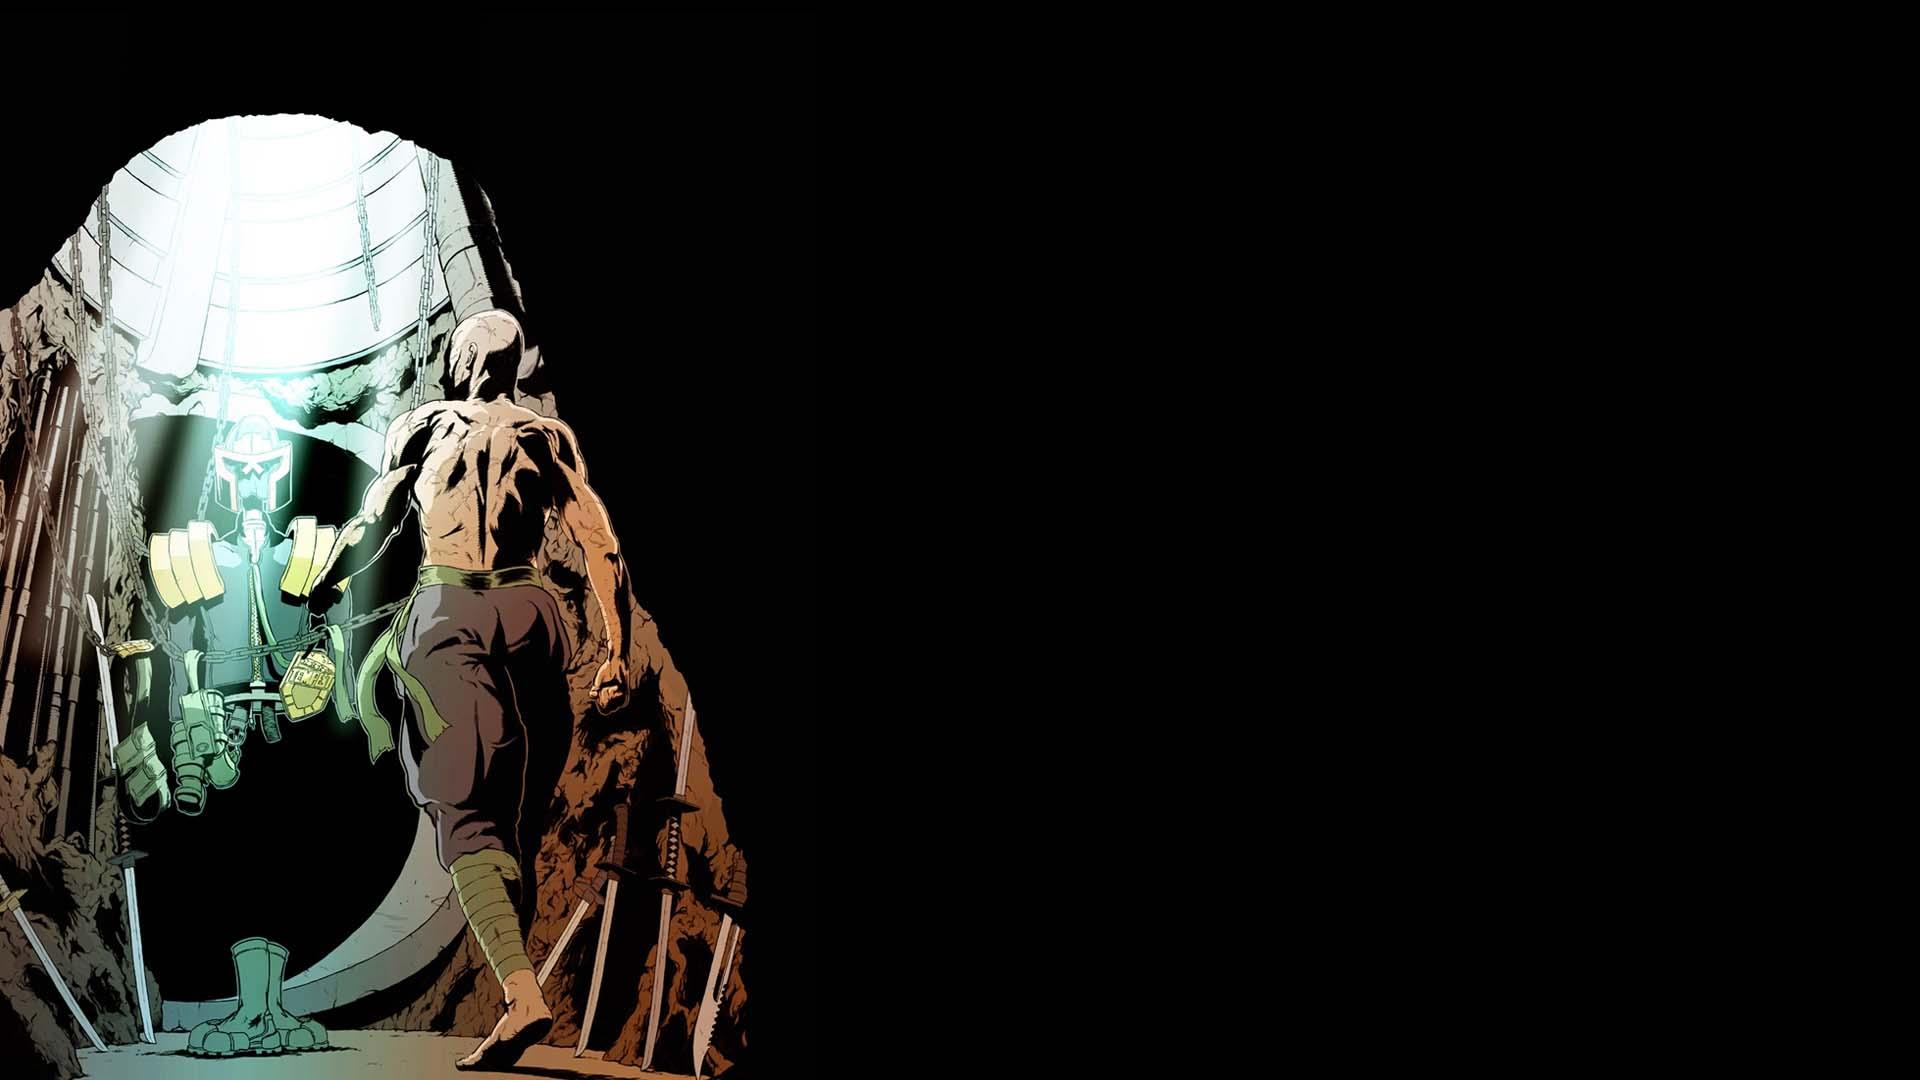 Judge Dredd Wallpapers - Wallpaper Cave